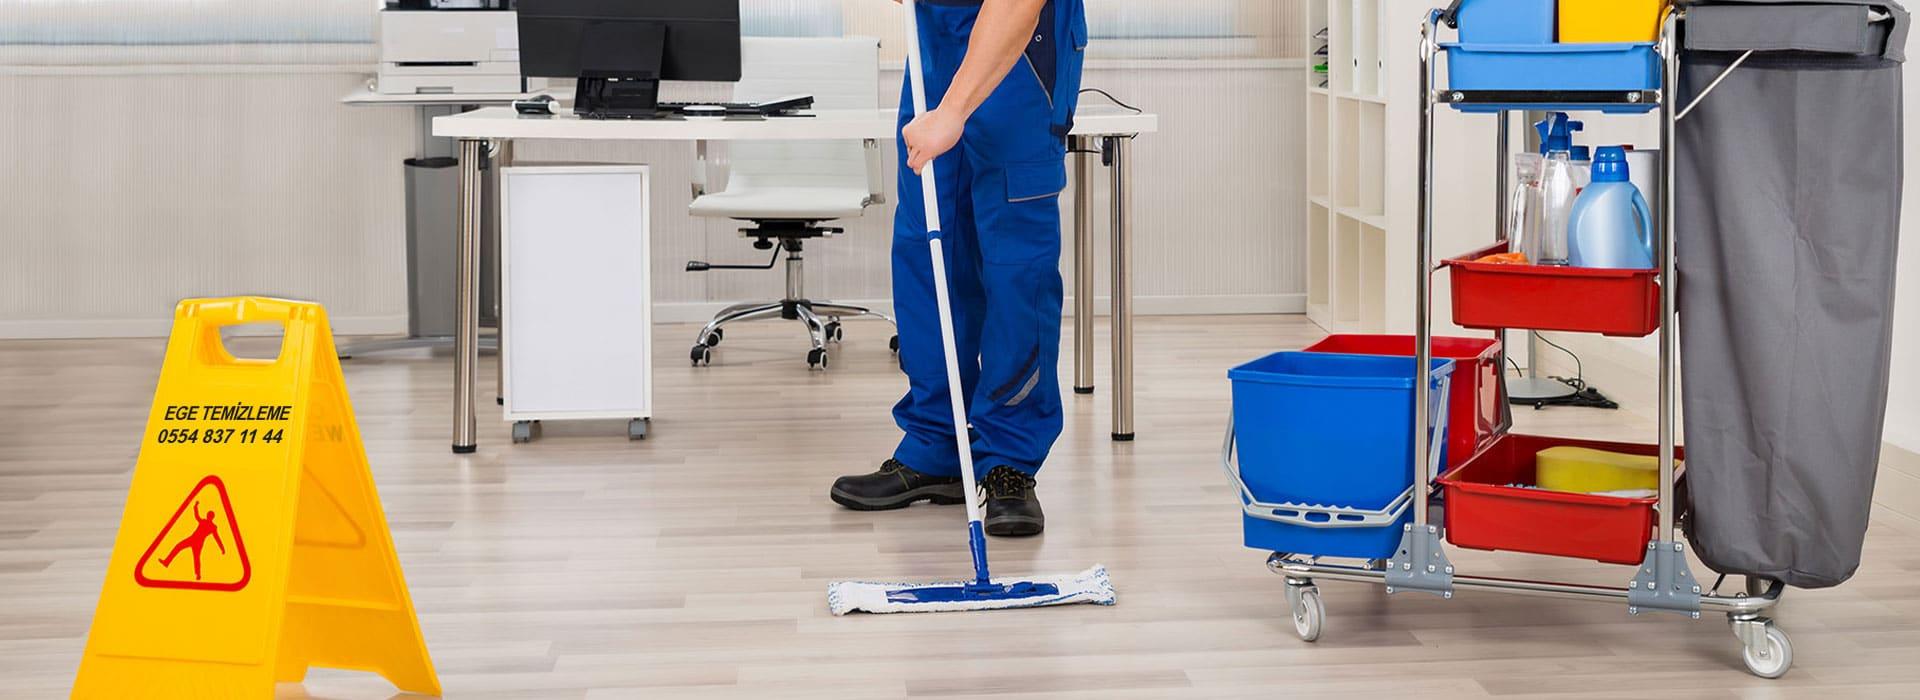 Ofis - İşyeri - Bina Temizlik Hizmetleri